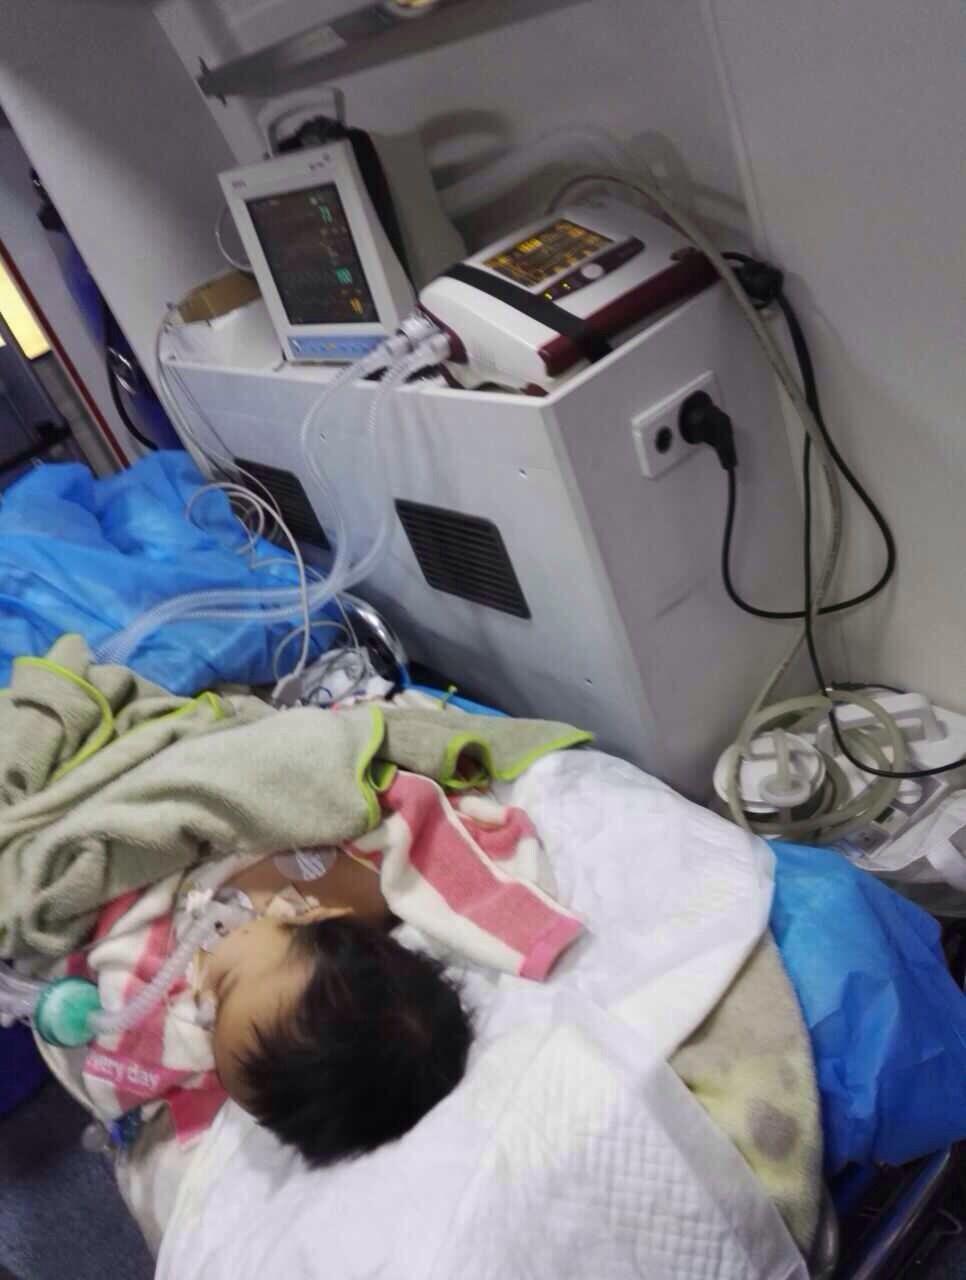 惠州市医院救护车出租大亚湾医院救护车出租龙门医院救护车出租